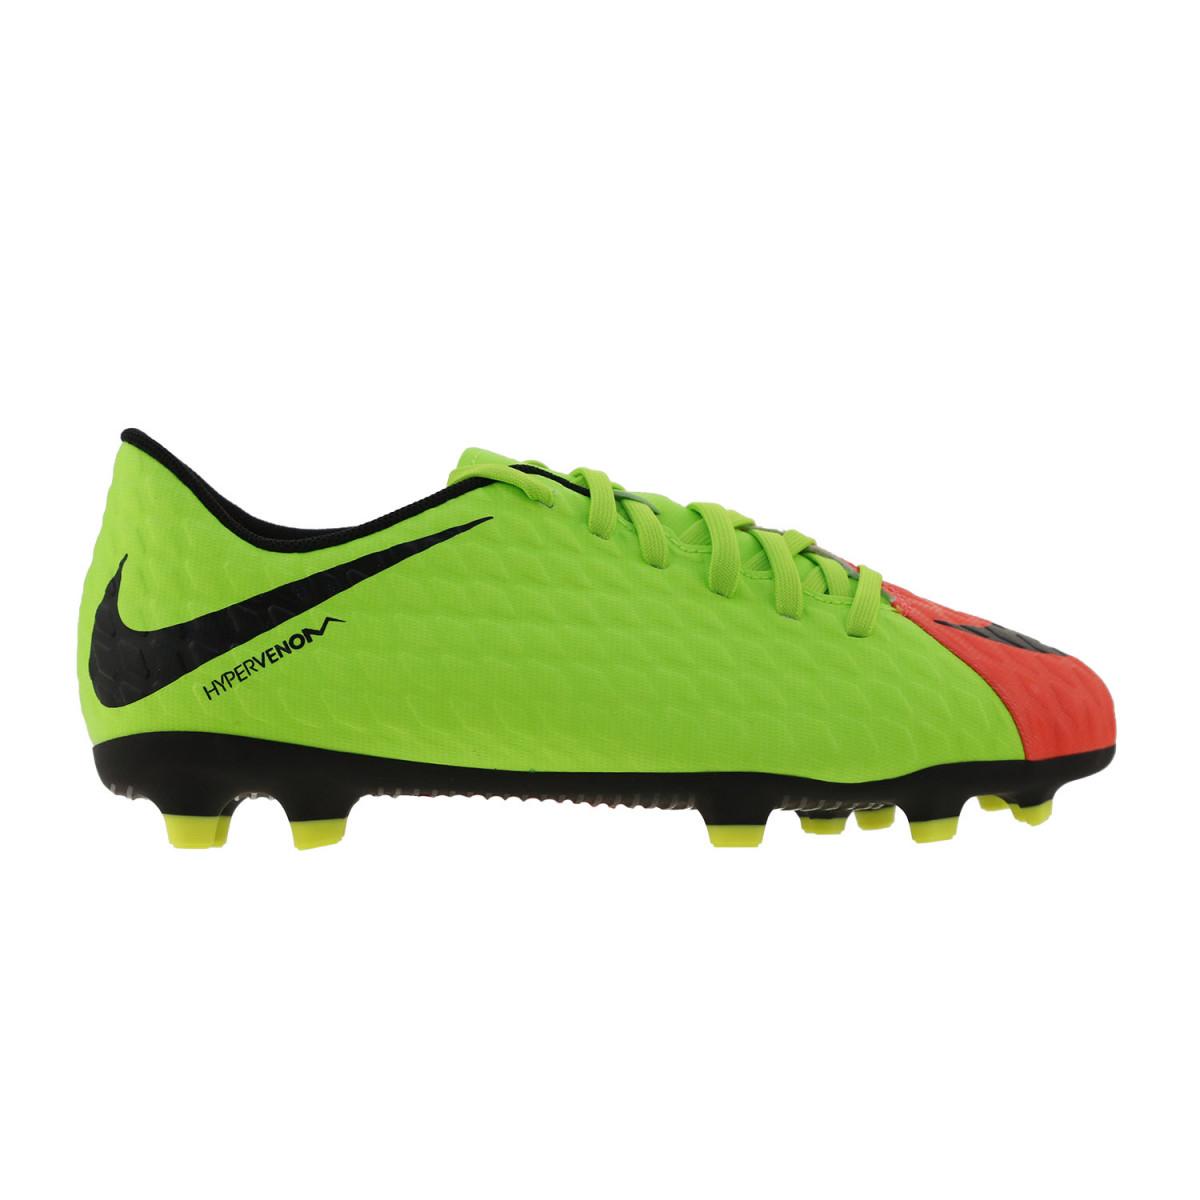 53fe7988b183a Botines Nike Jr Hypervenom Phade III FG - Ofertas - Colegial